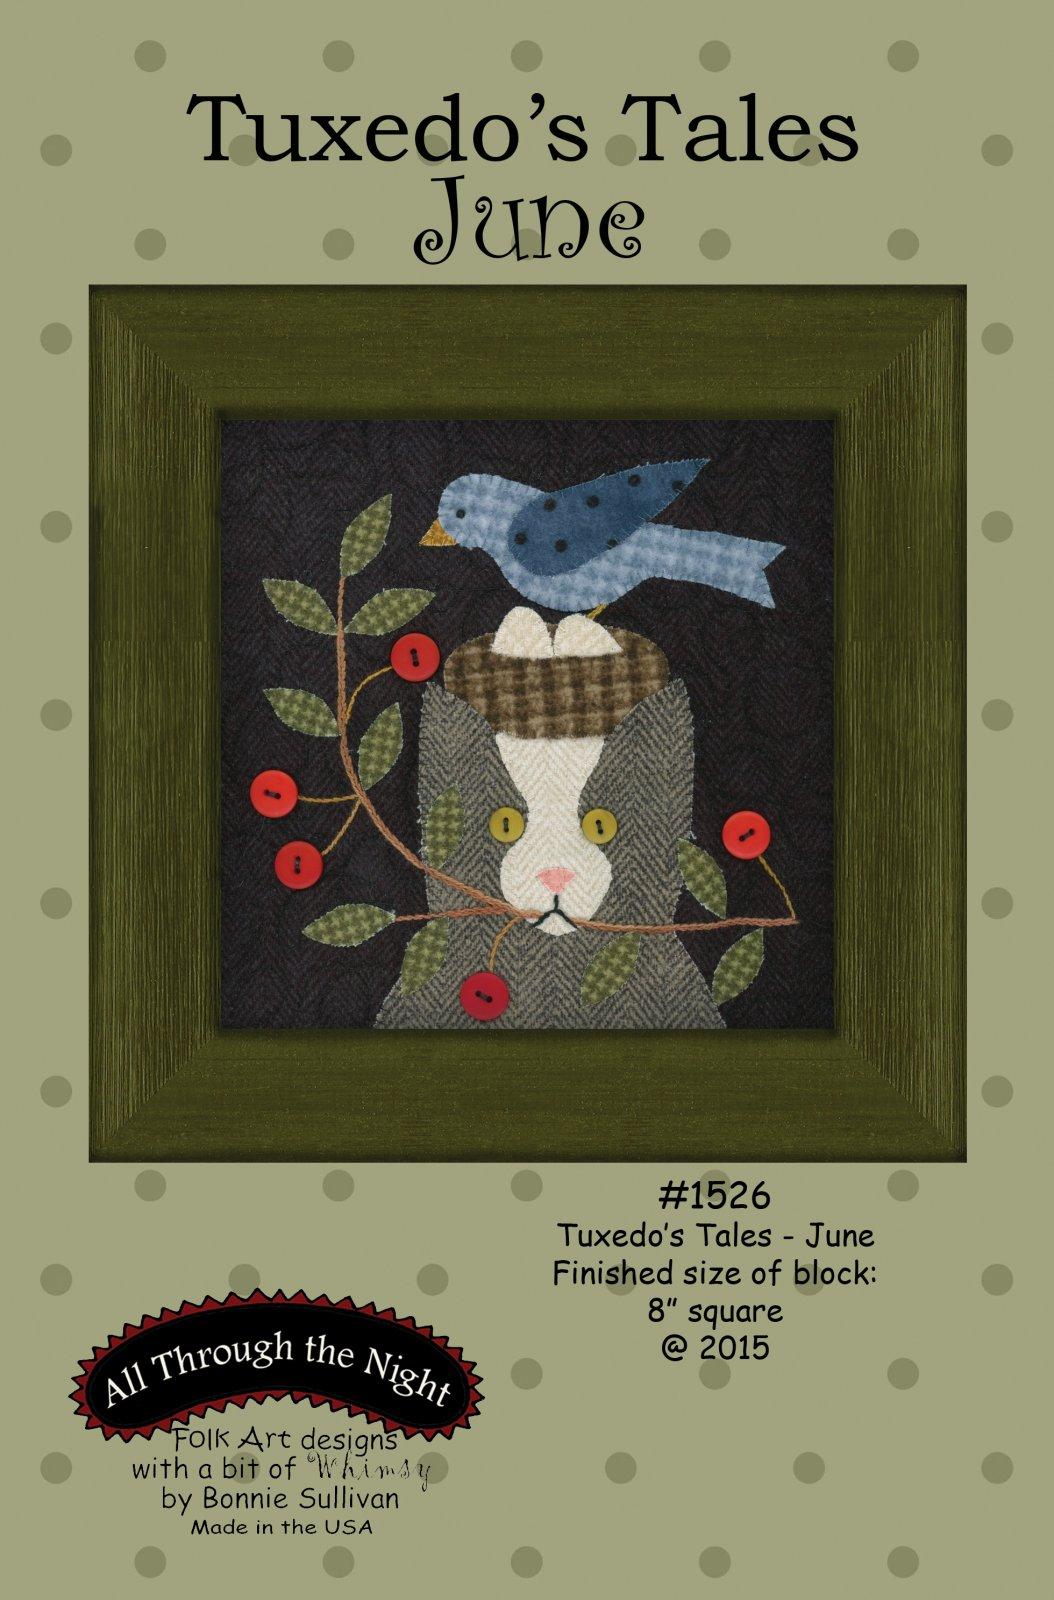 1526 Tuxedo's Tales June